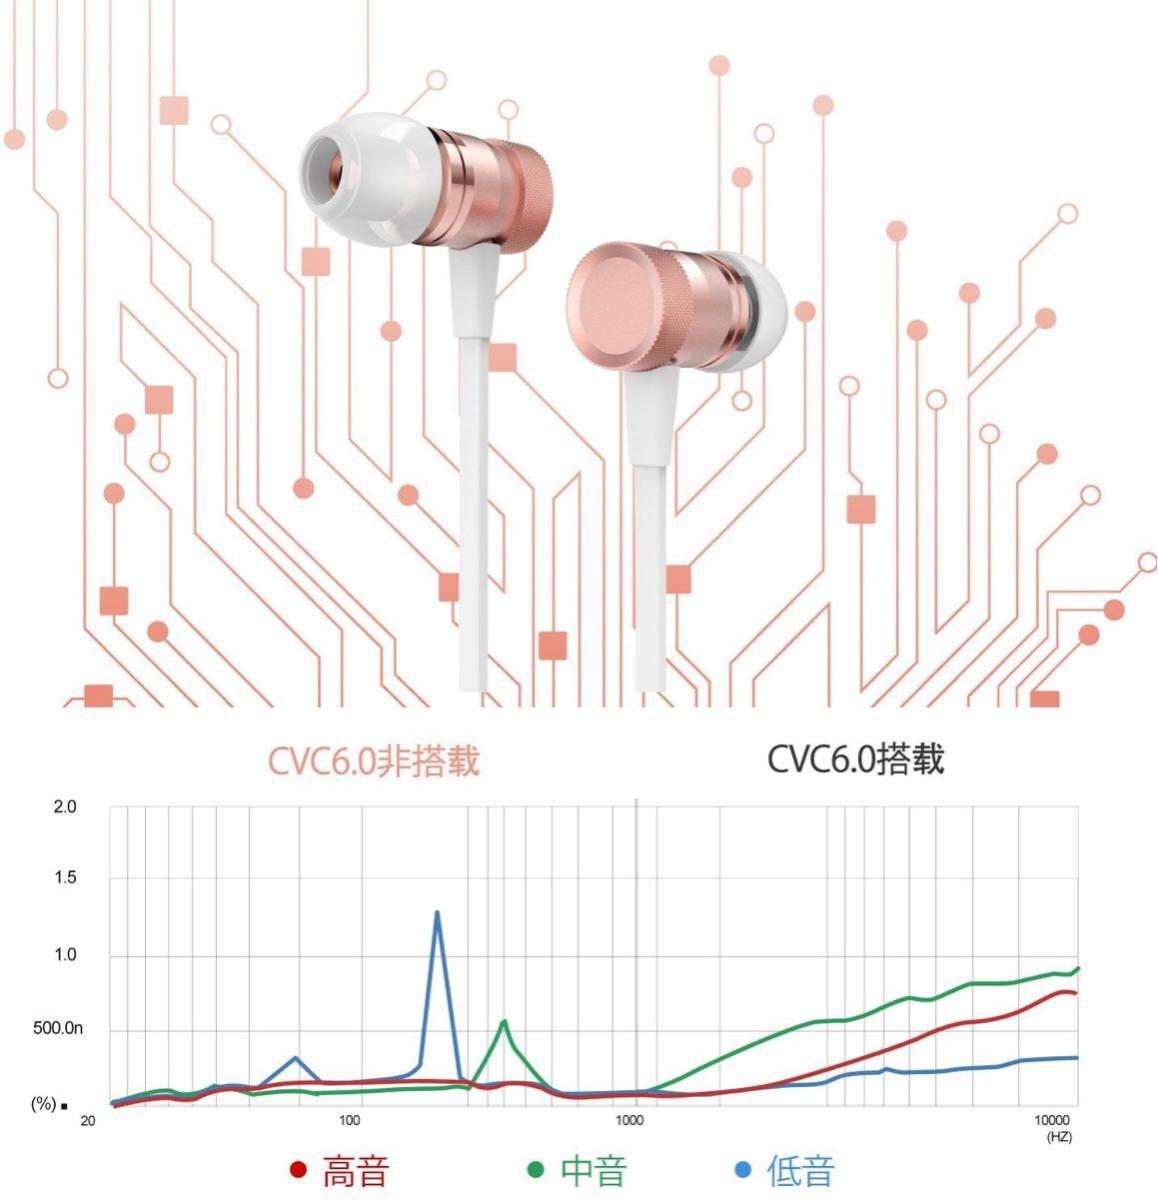 【新品】Bluetoothイヤホン ANCREU ワイヤレス 防水 スポーツイヤホン マイク付き カナル型 高音質 超軽量 Android、iPhone各種対応_画像4